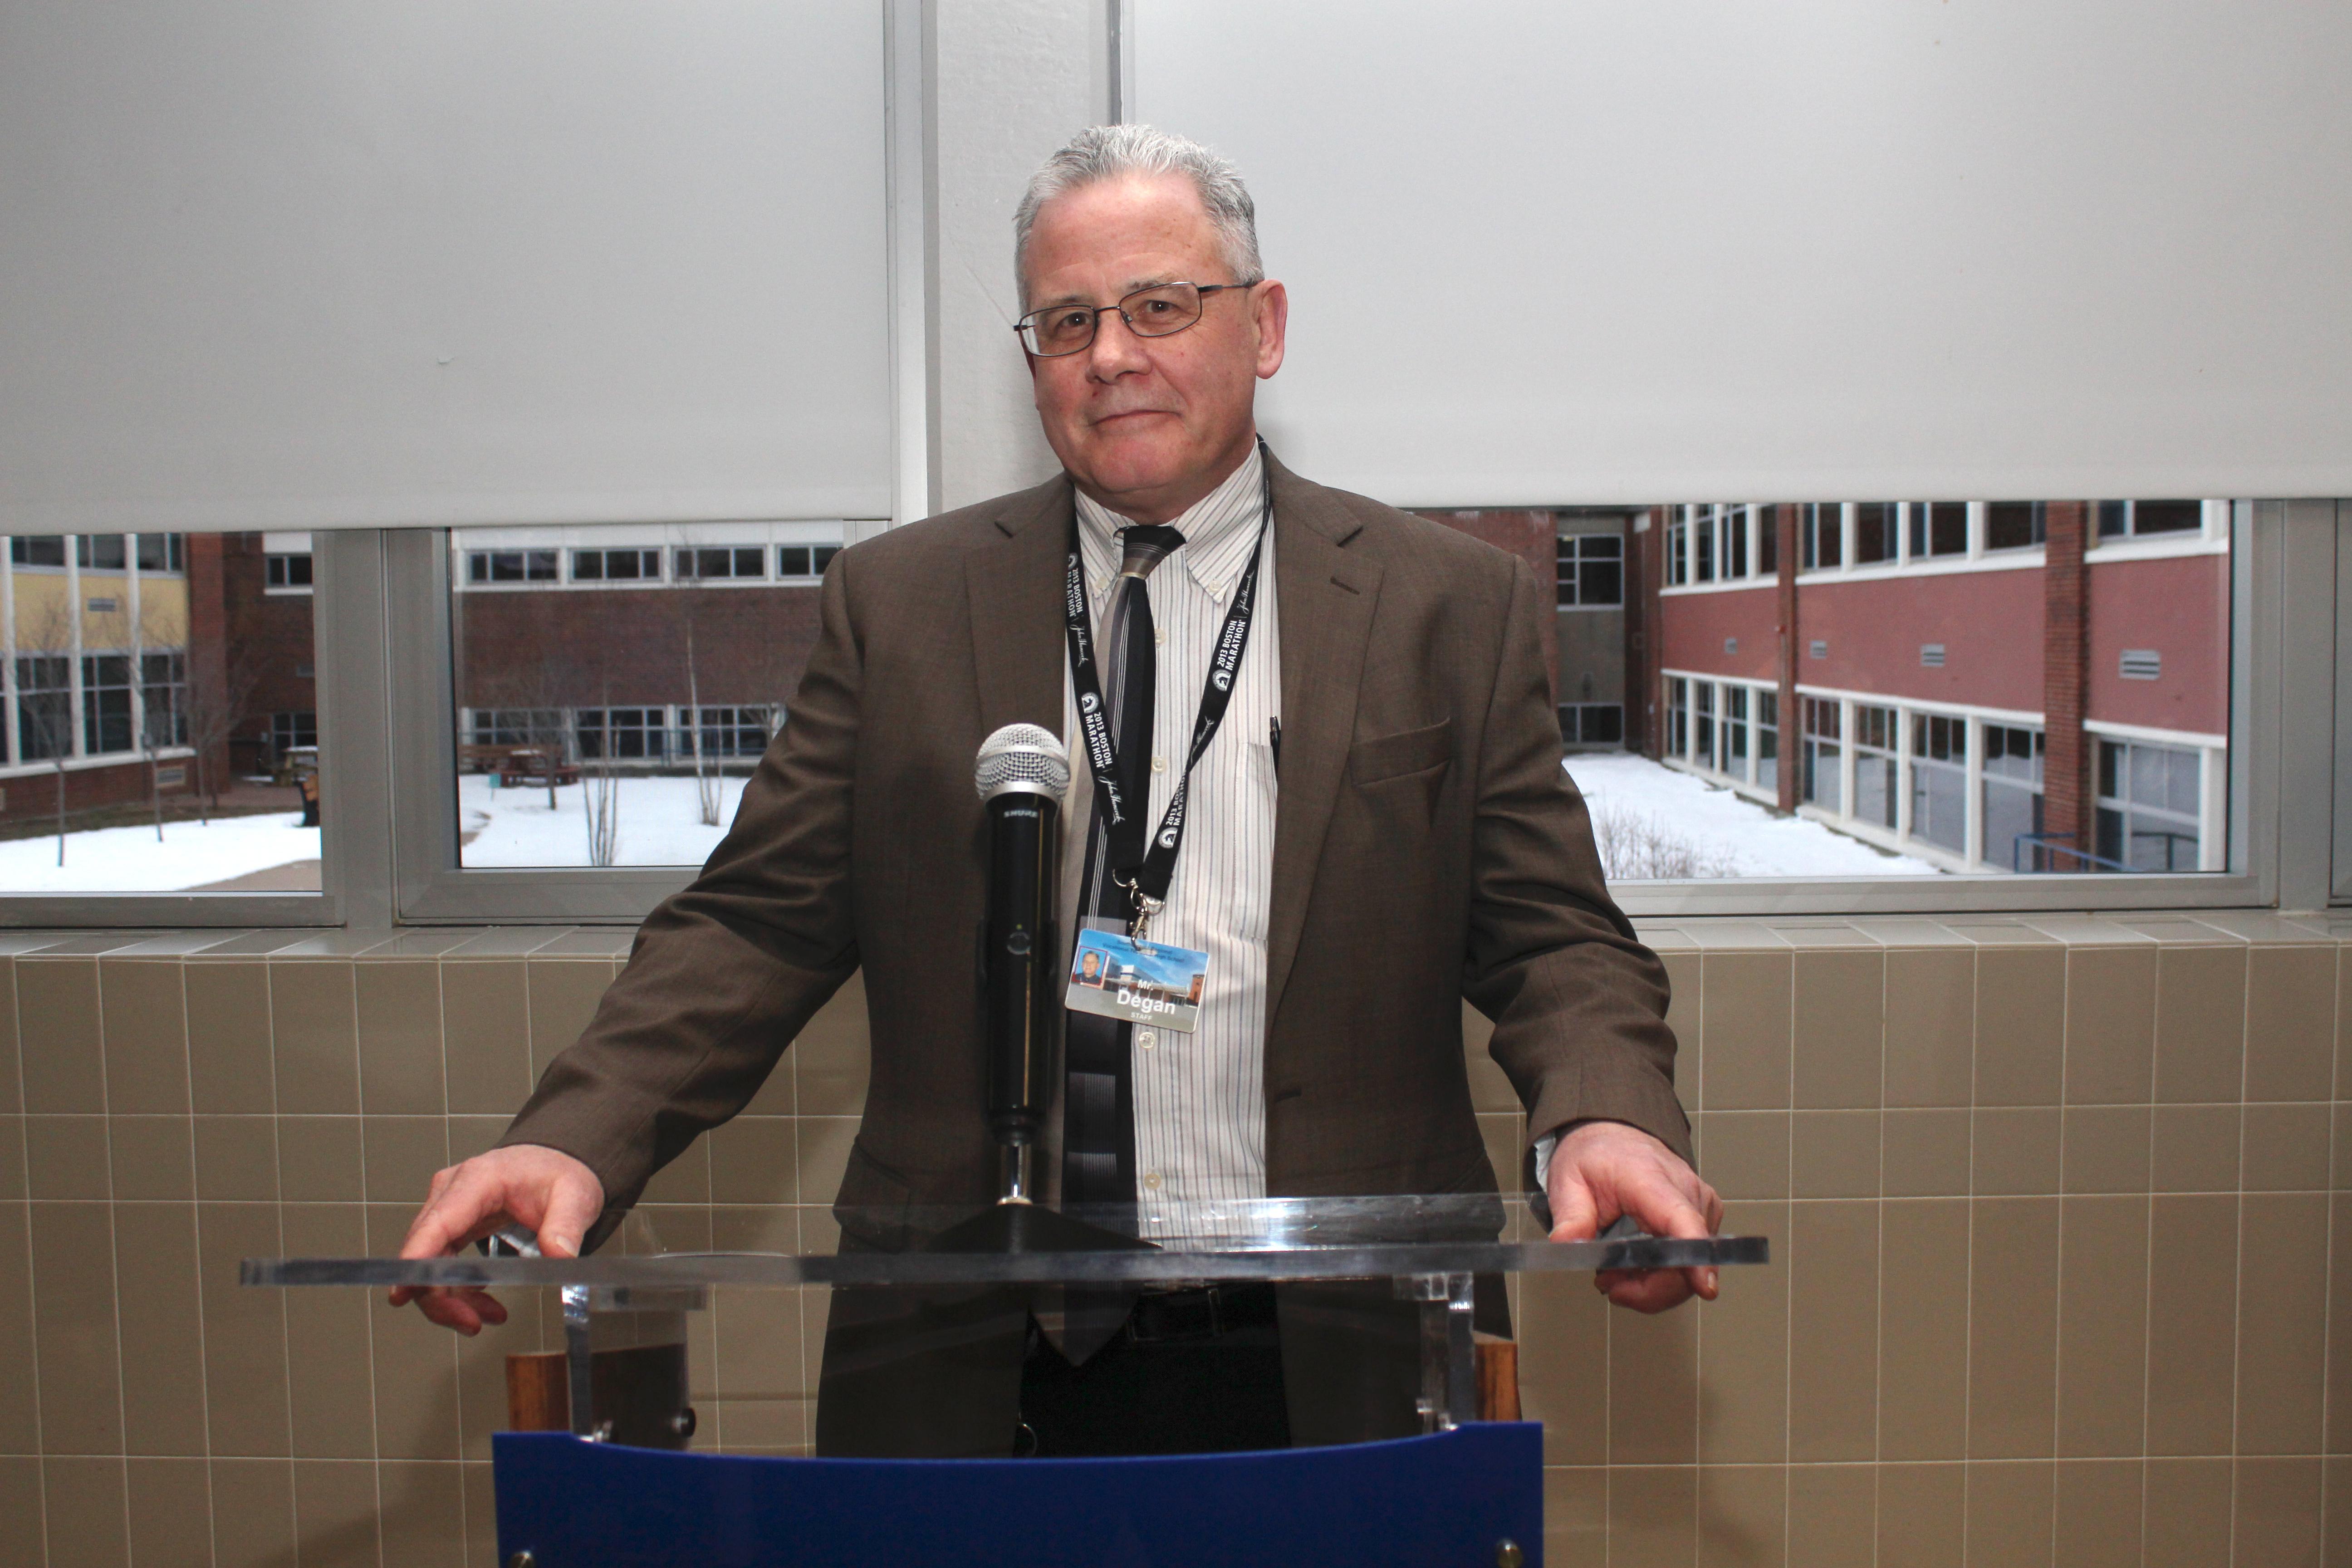 Principal's Reception – Interview with Principal Degan